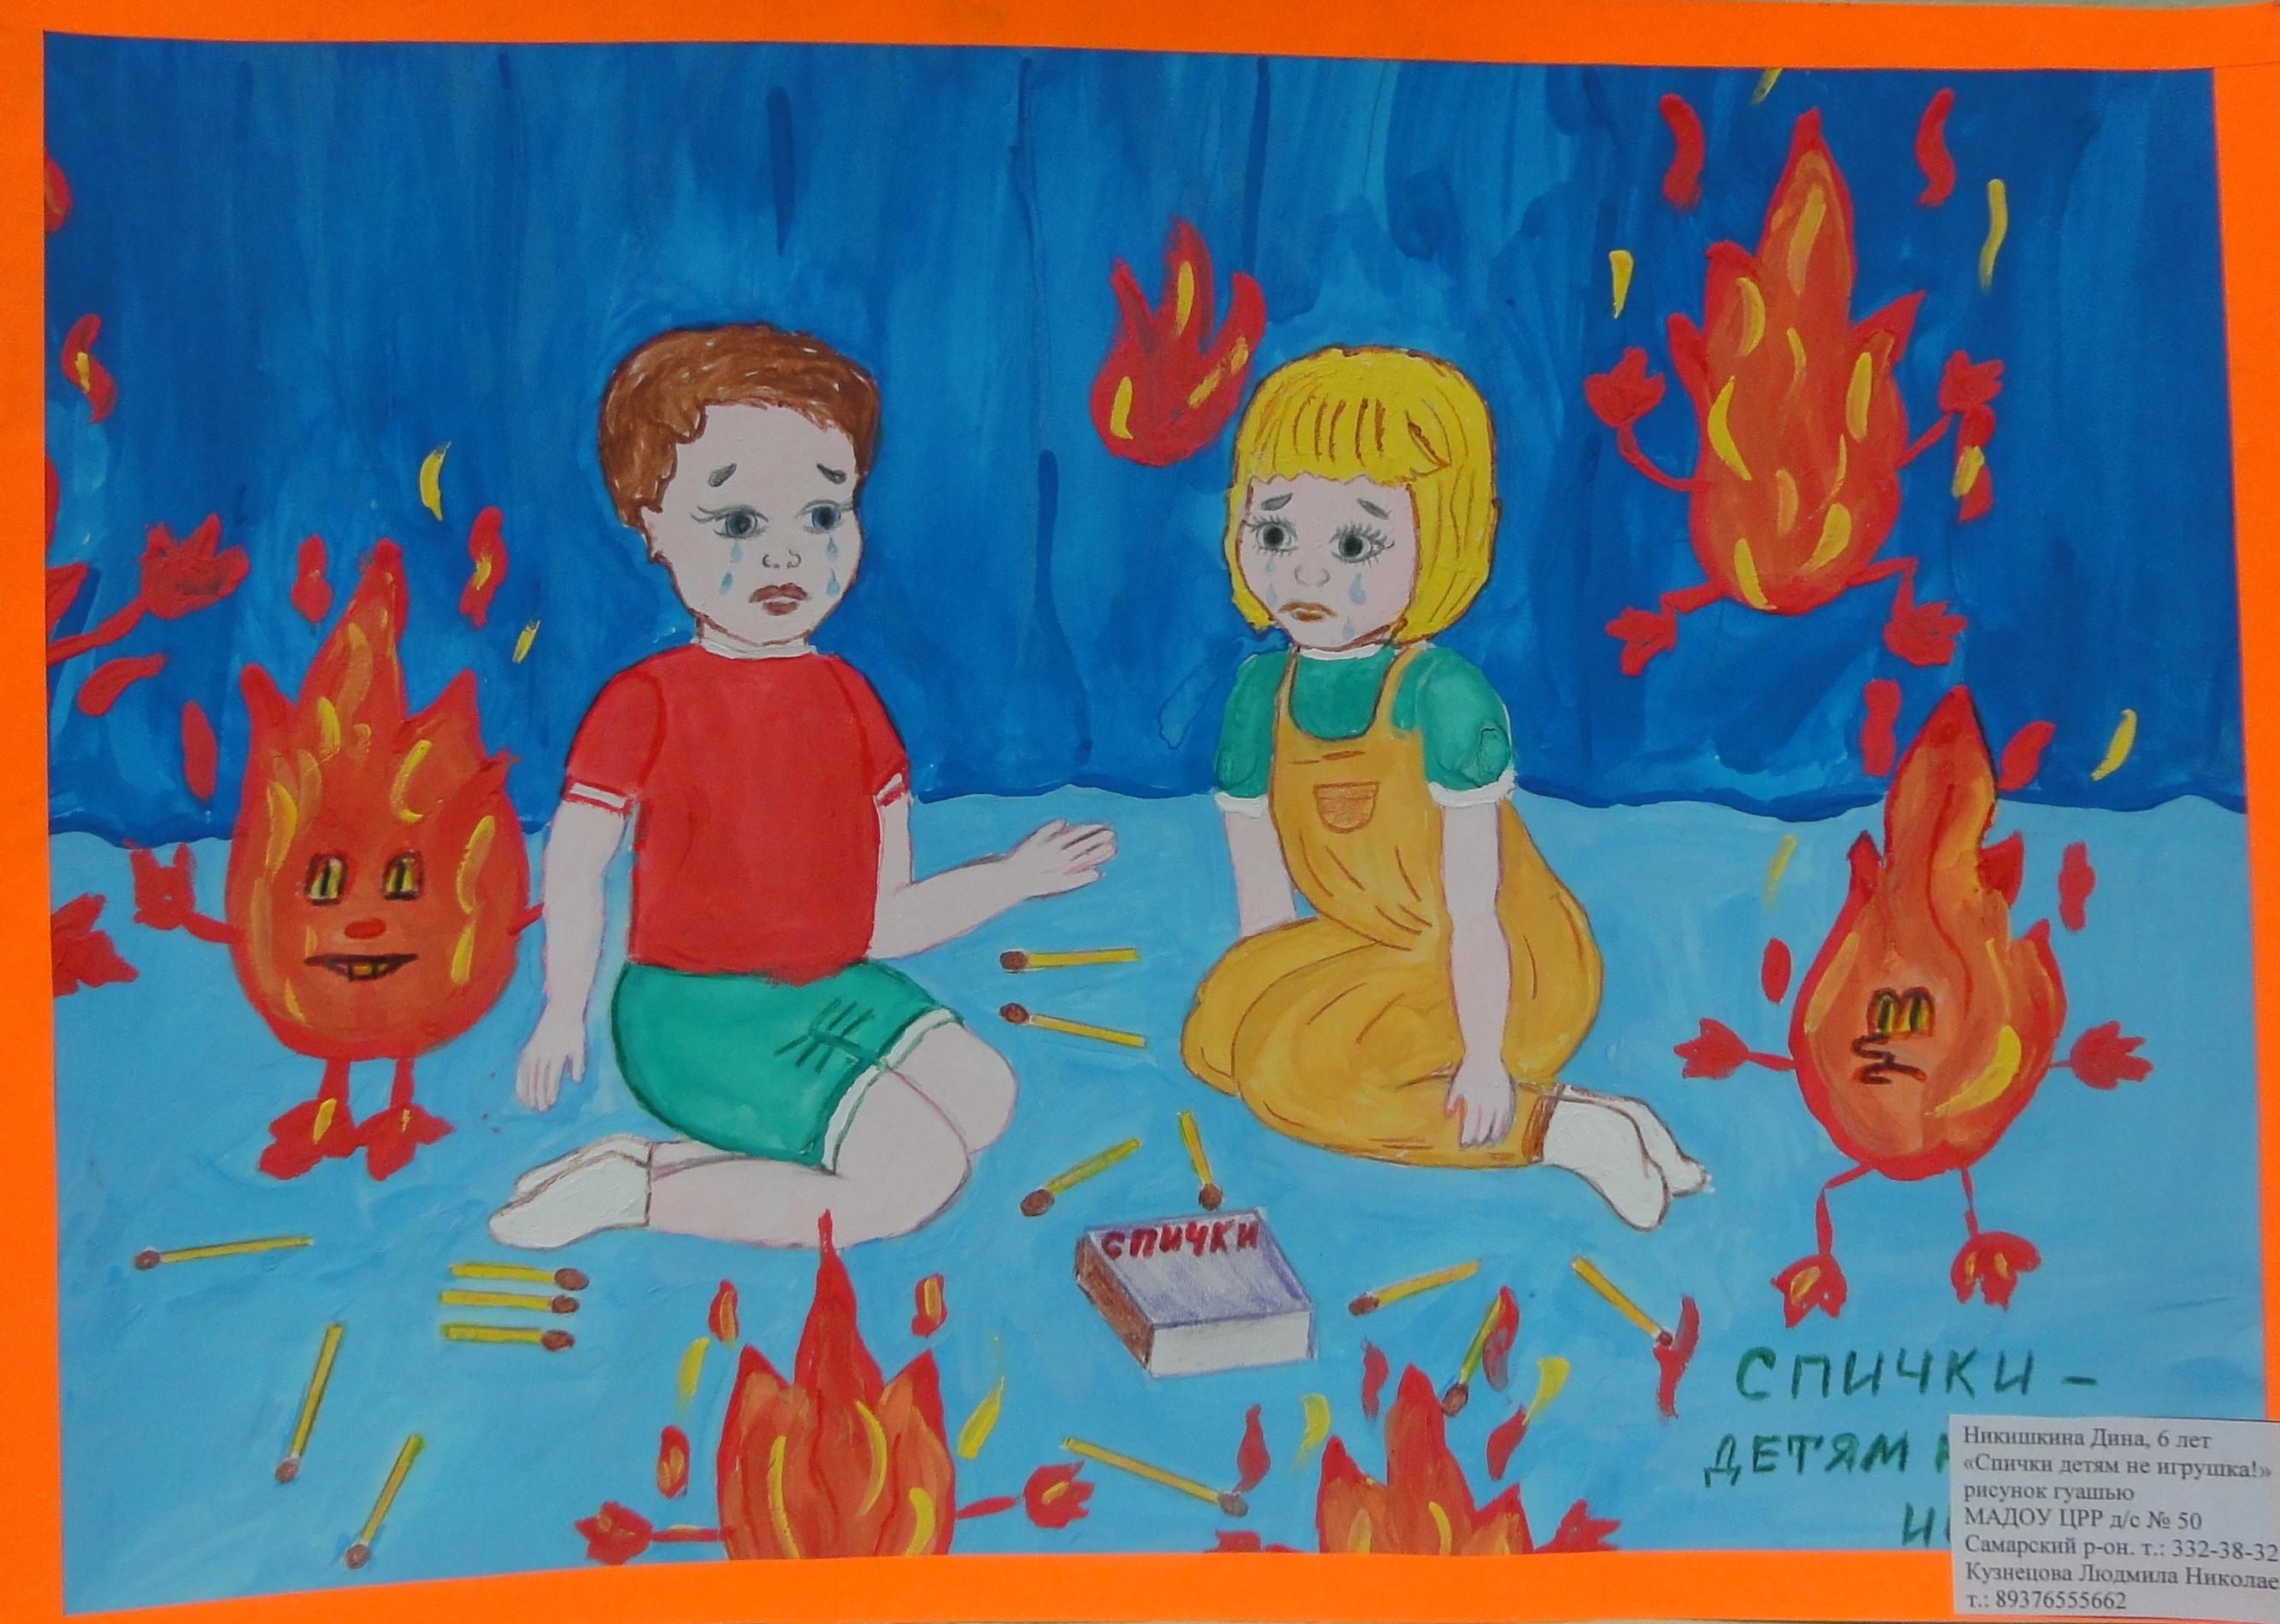 Детям спички не игрушка рисунки раскраски